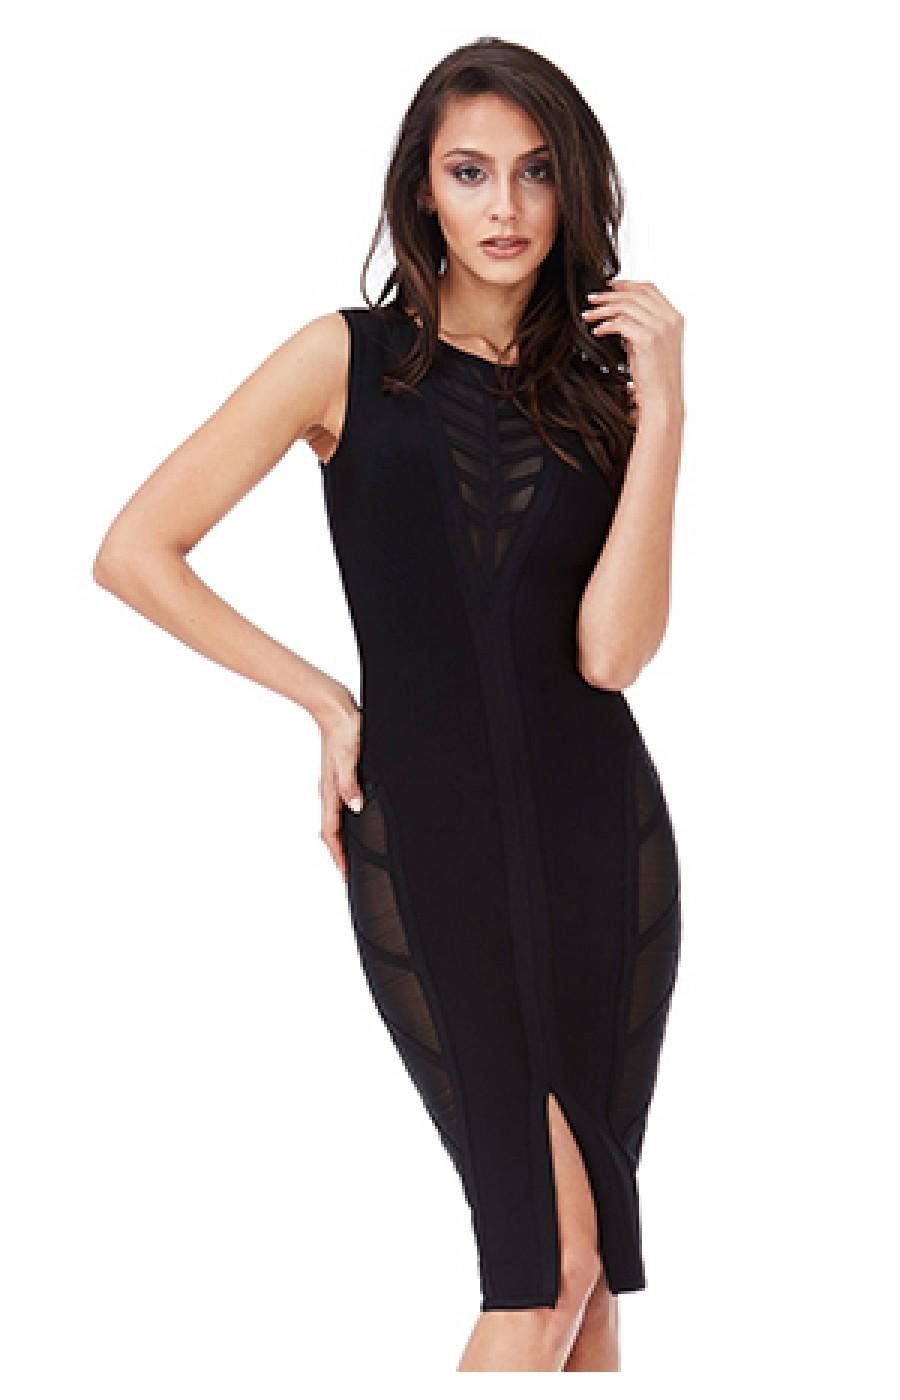 Βραδινο φορεμα σκούρο μπλε